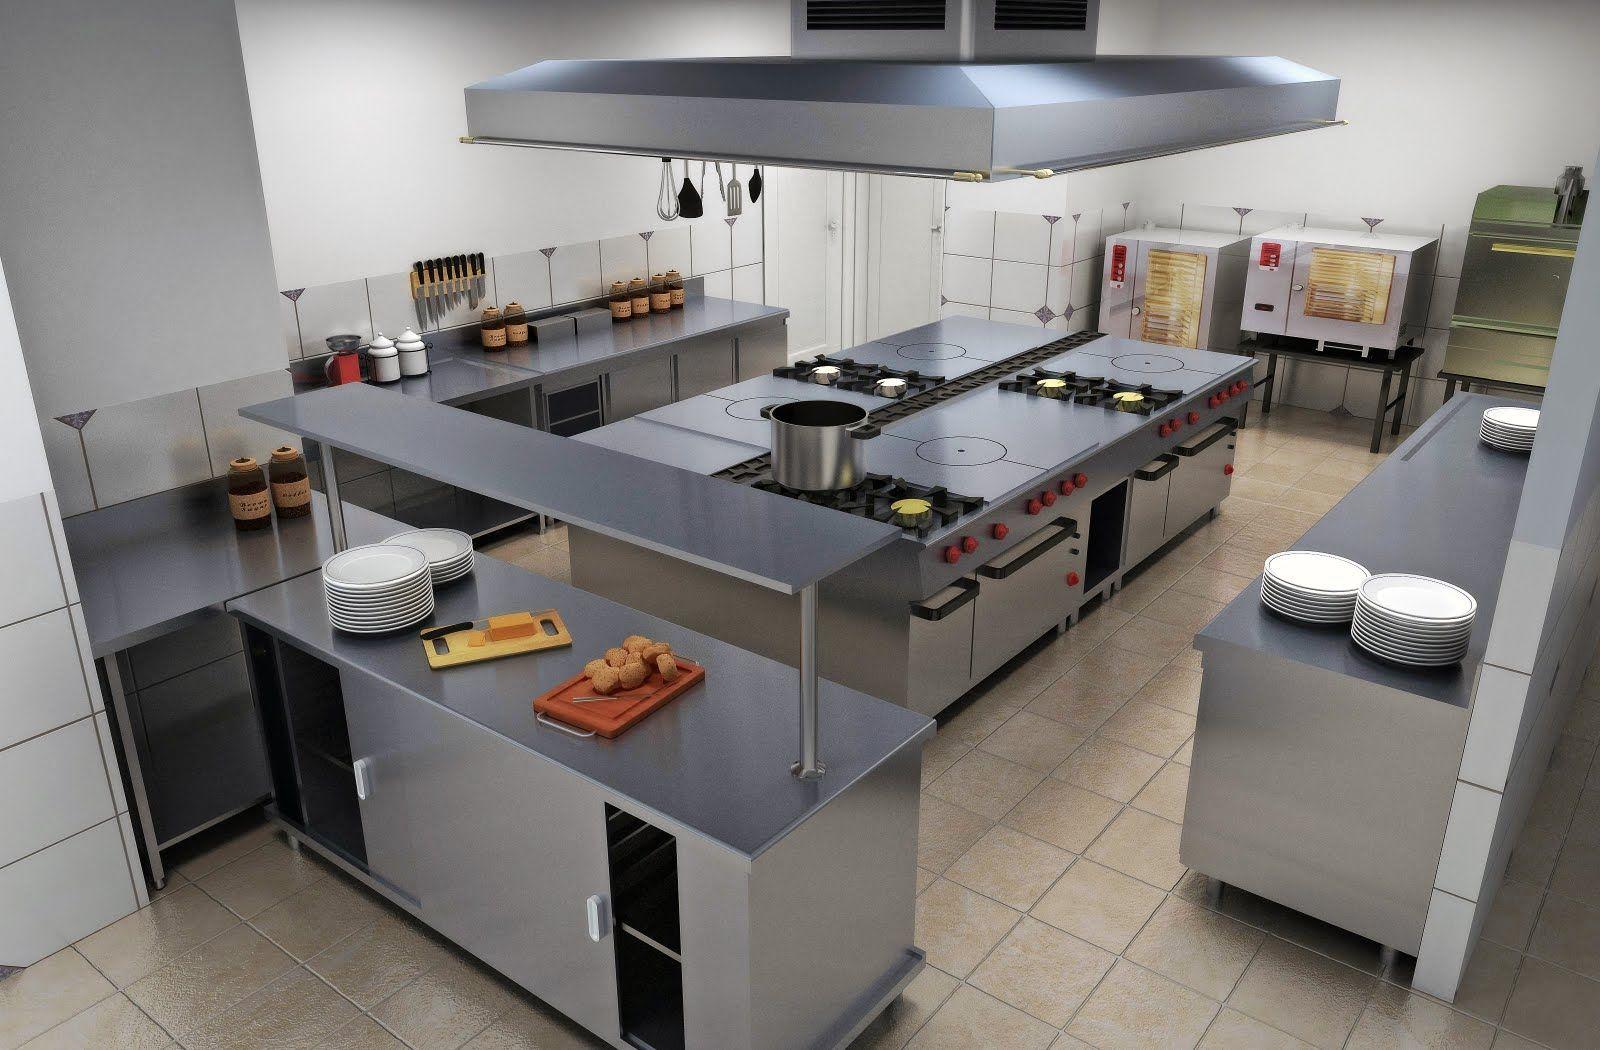 Imagenes de cocinas para restaurantes de b squeda for Planos de cocinas para restaurantes